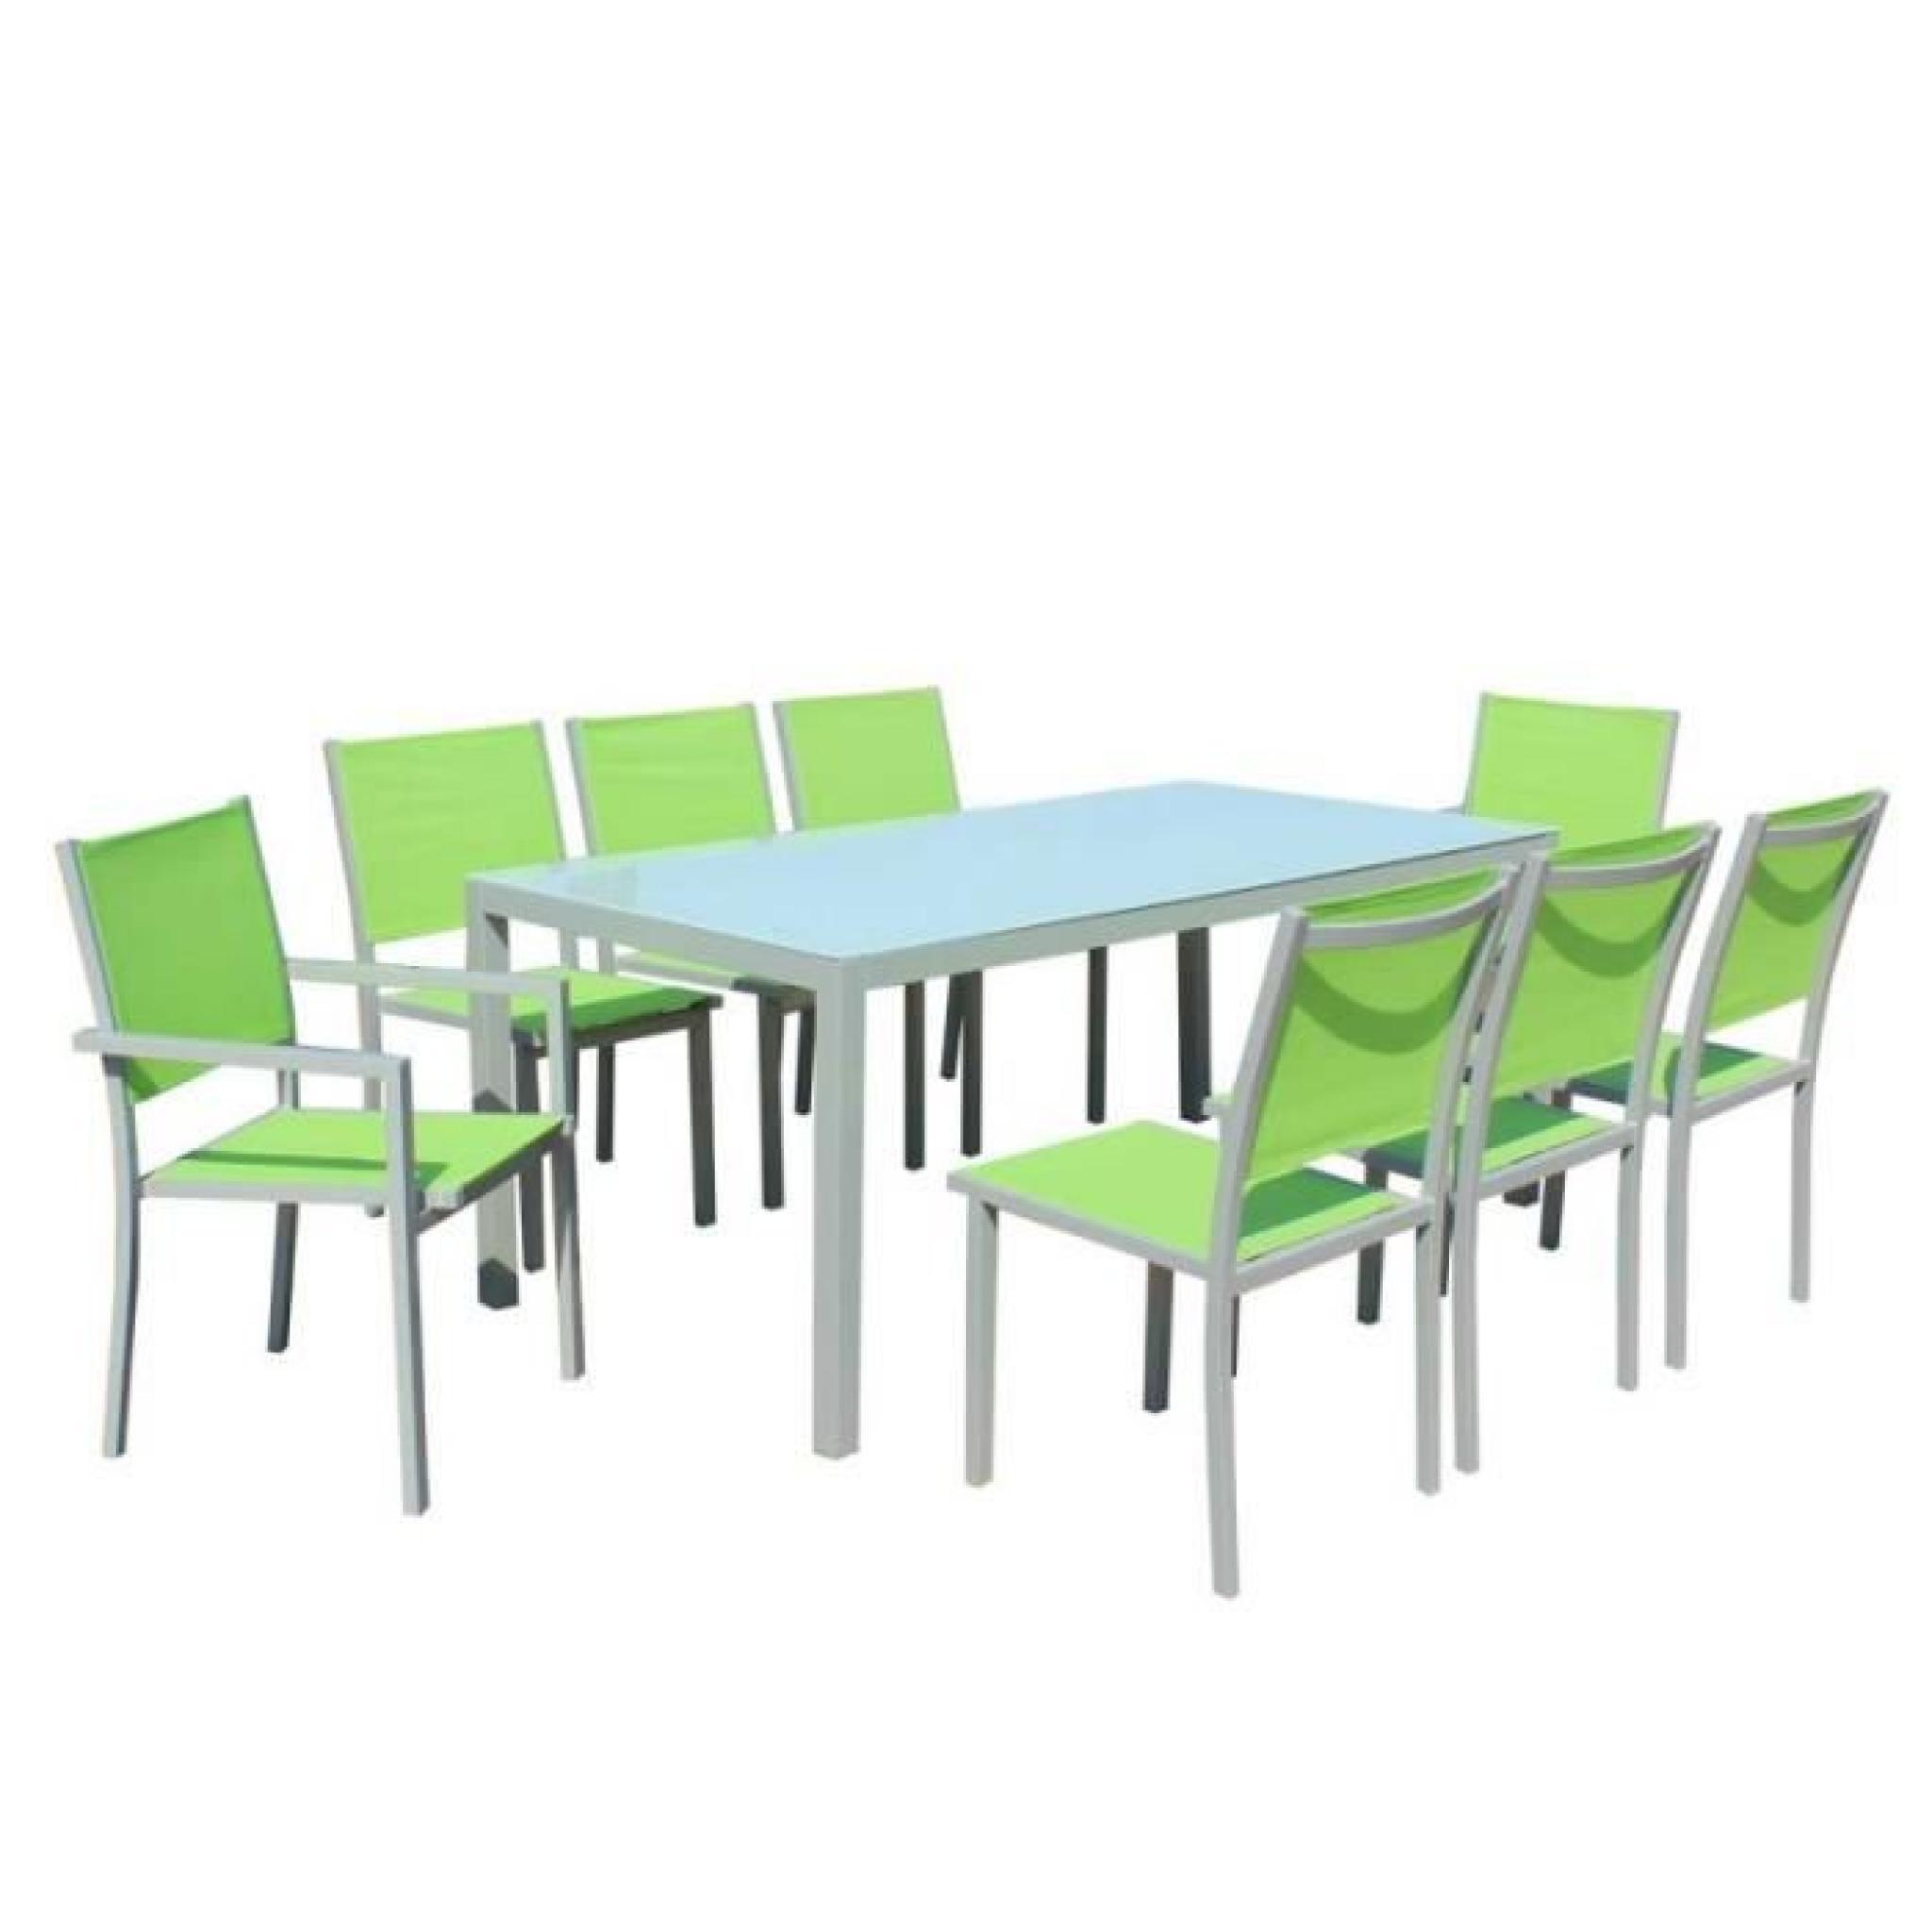 Table Et Chaises De Jardin - 8 Fauteuils Pliants - Aluminium Et Verre avec Table Et Chaises De Jardin Pas Cher